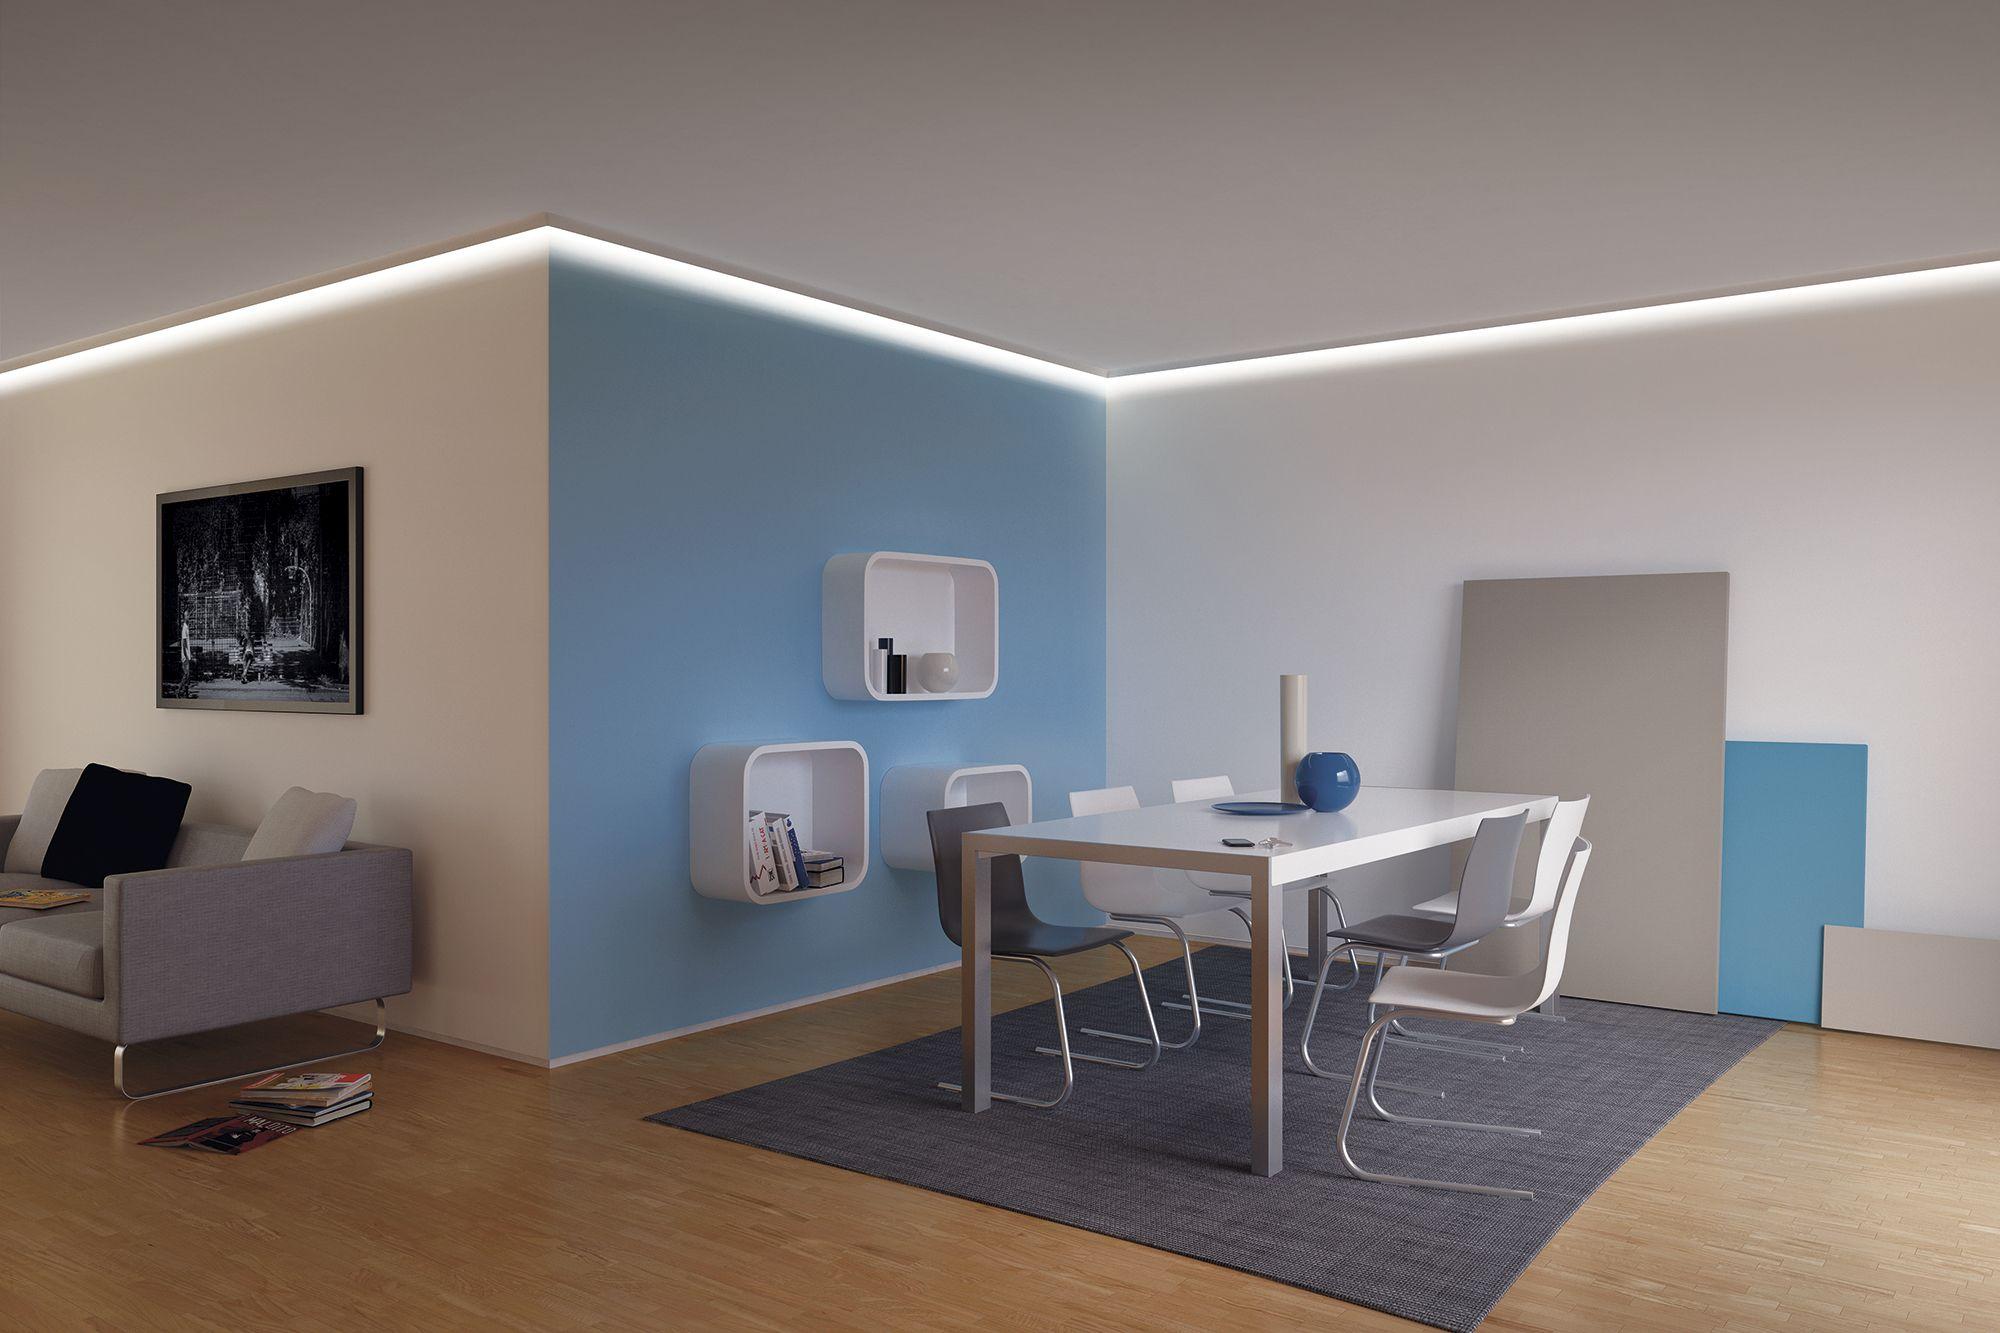 Anleitung Led Lichtleiste Corner Profil Mit Led Stripes Yourled Einfache Monta Beleuchtung Wohnzimmer Decke Beleuchtung Wohnzimmer Led Beleuchtung Wohnzimmer